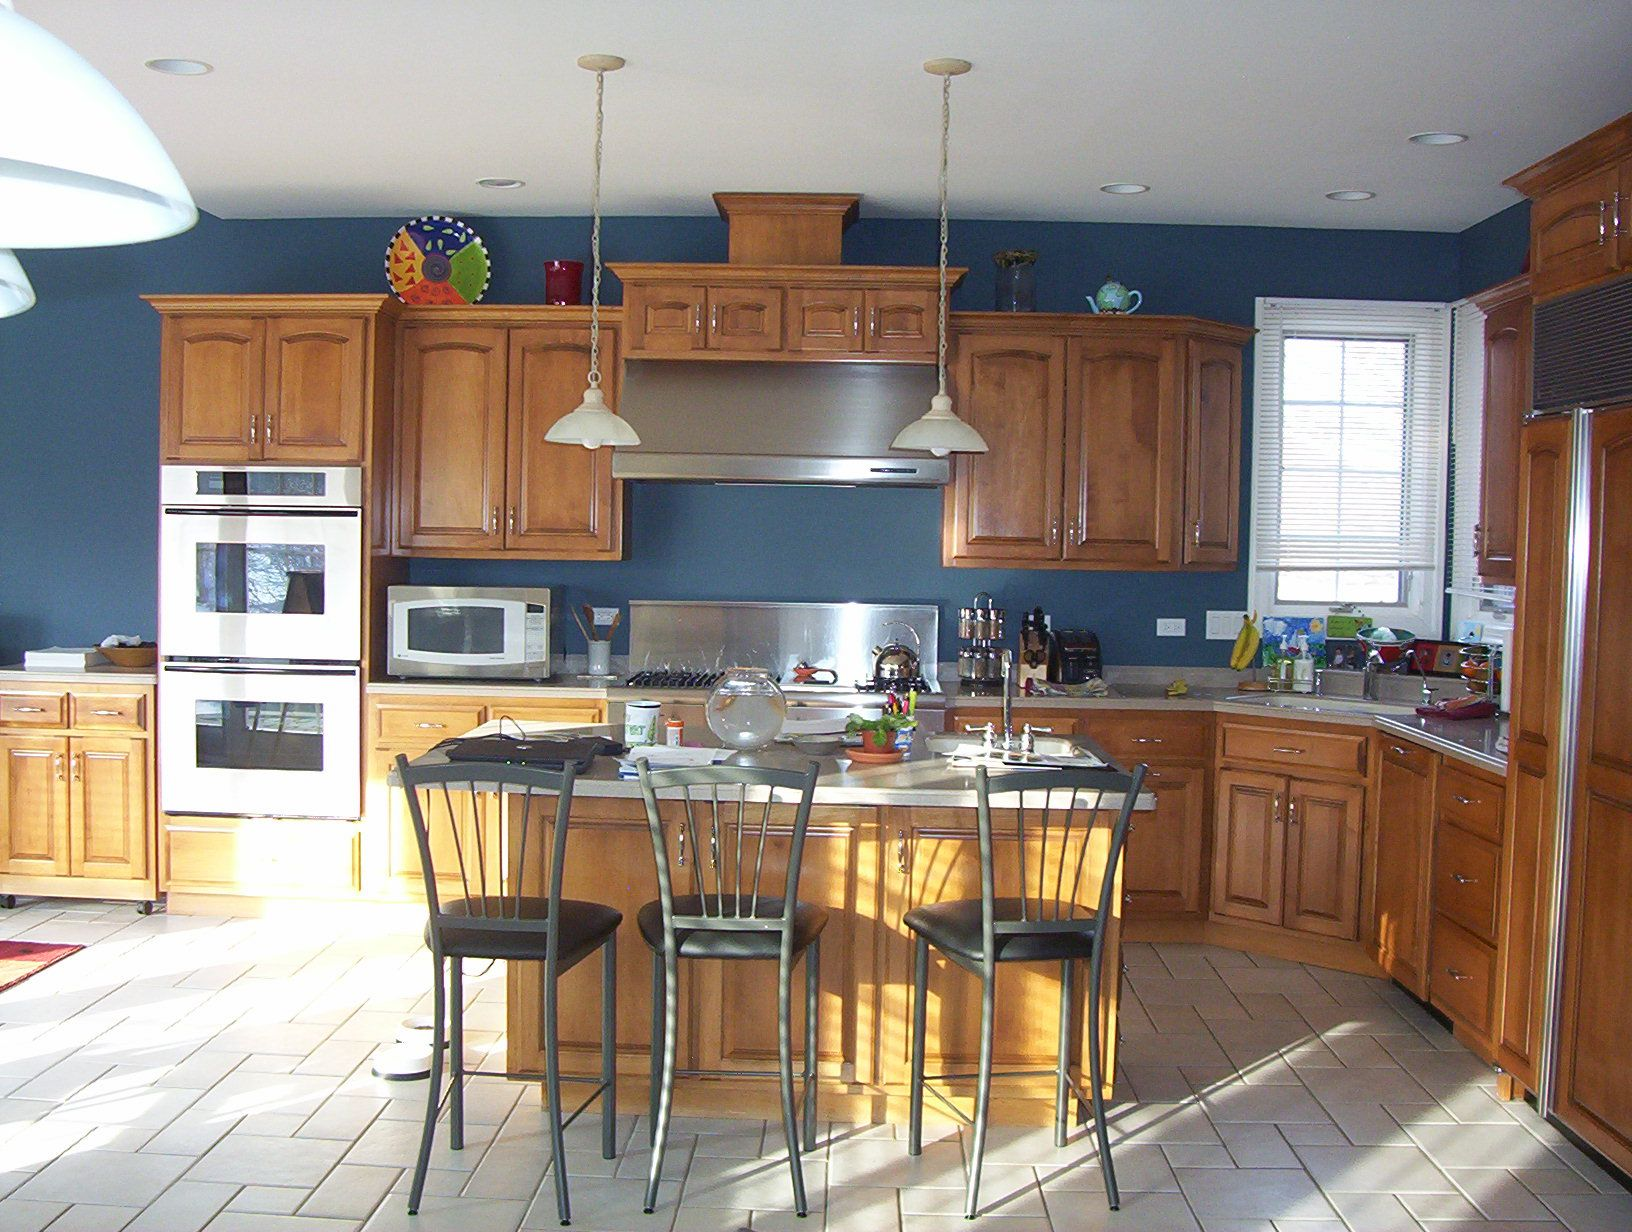 Paint Color For Kitchen Walls Best Blue Paint For Kitchen Walls Yes Yes Go